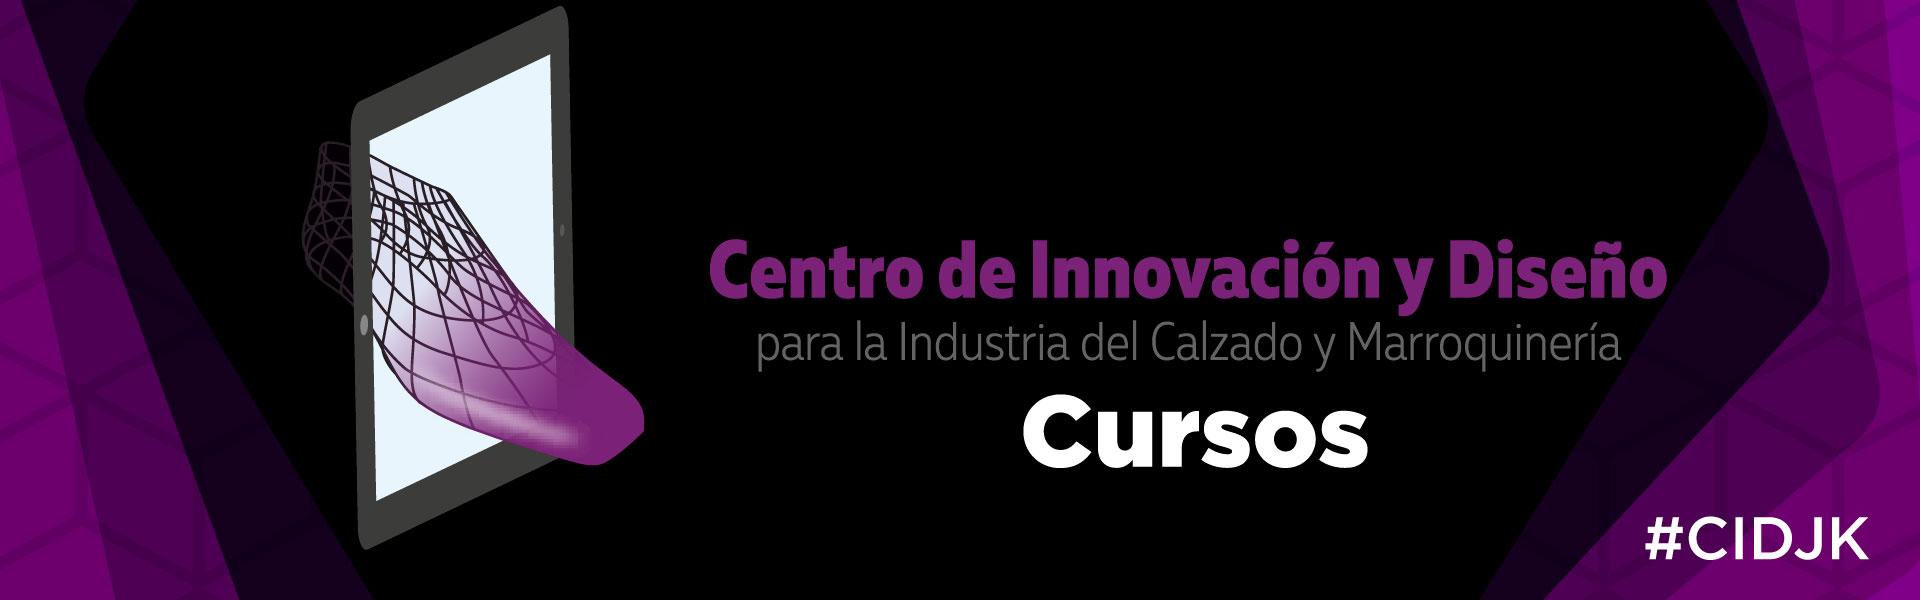 Cursos Centro de Innovación y Diseño #CIDJK Calzado y Marroquinería